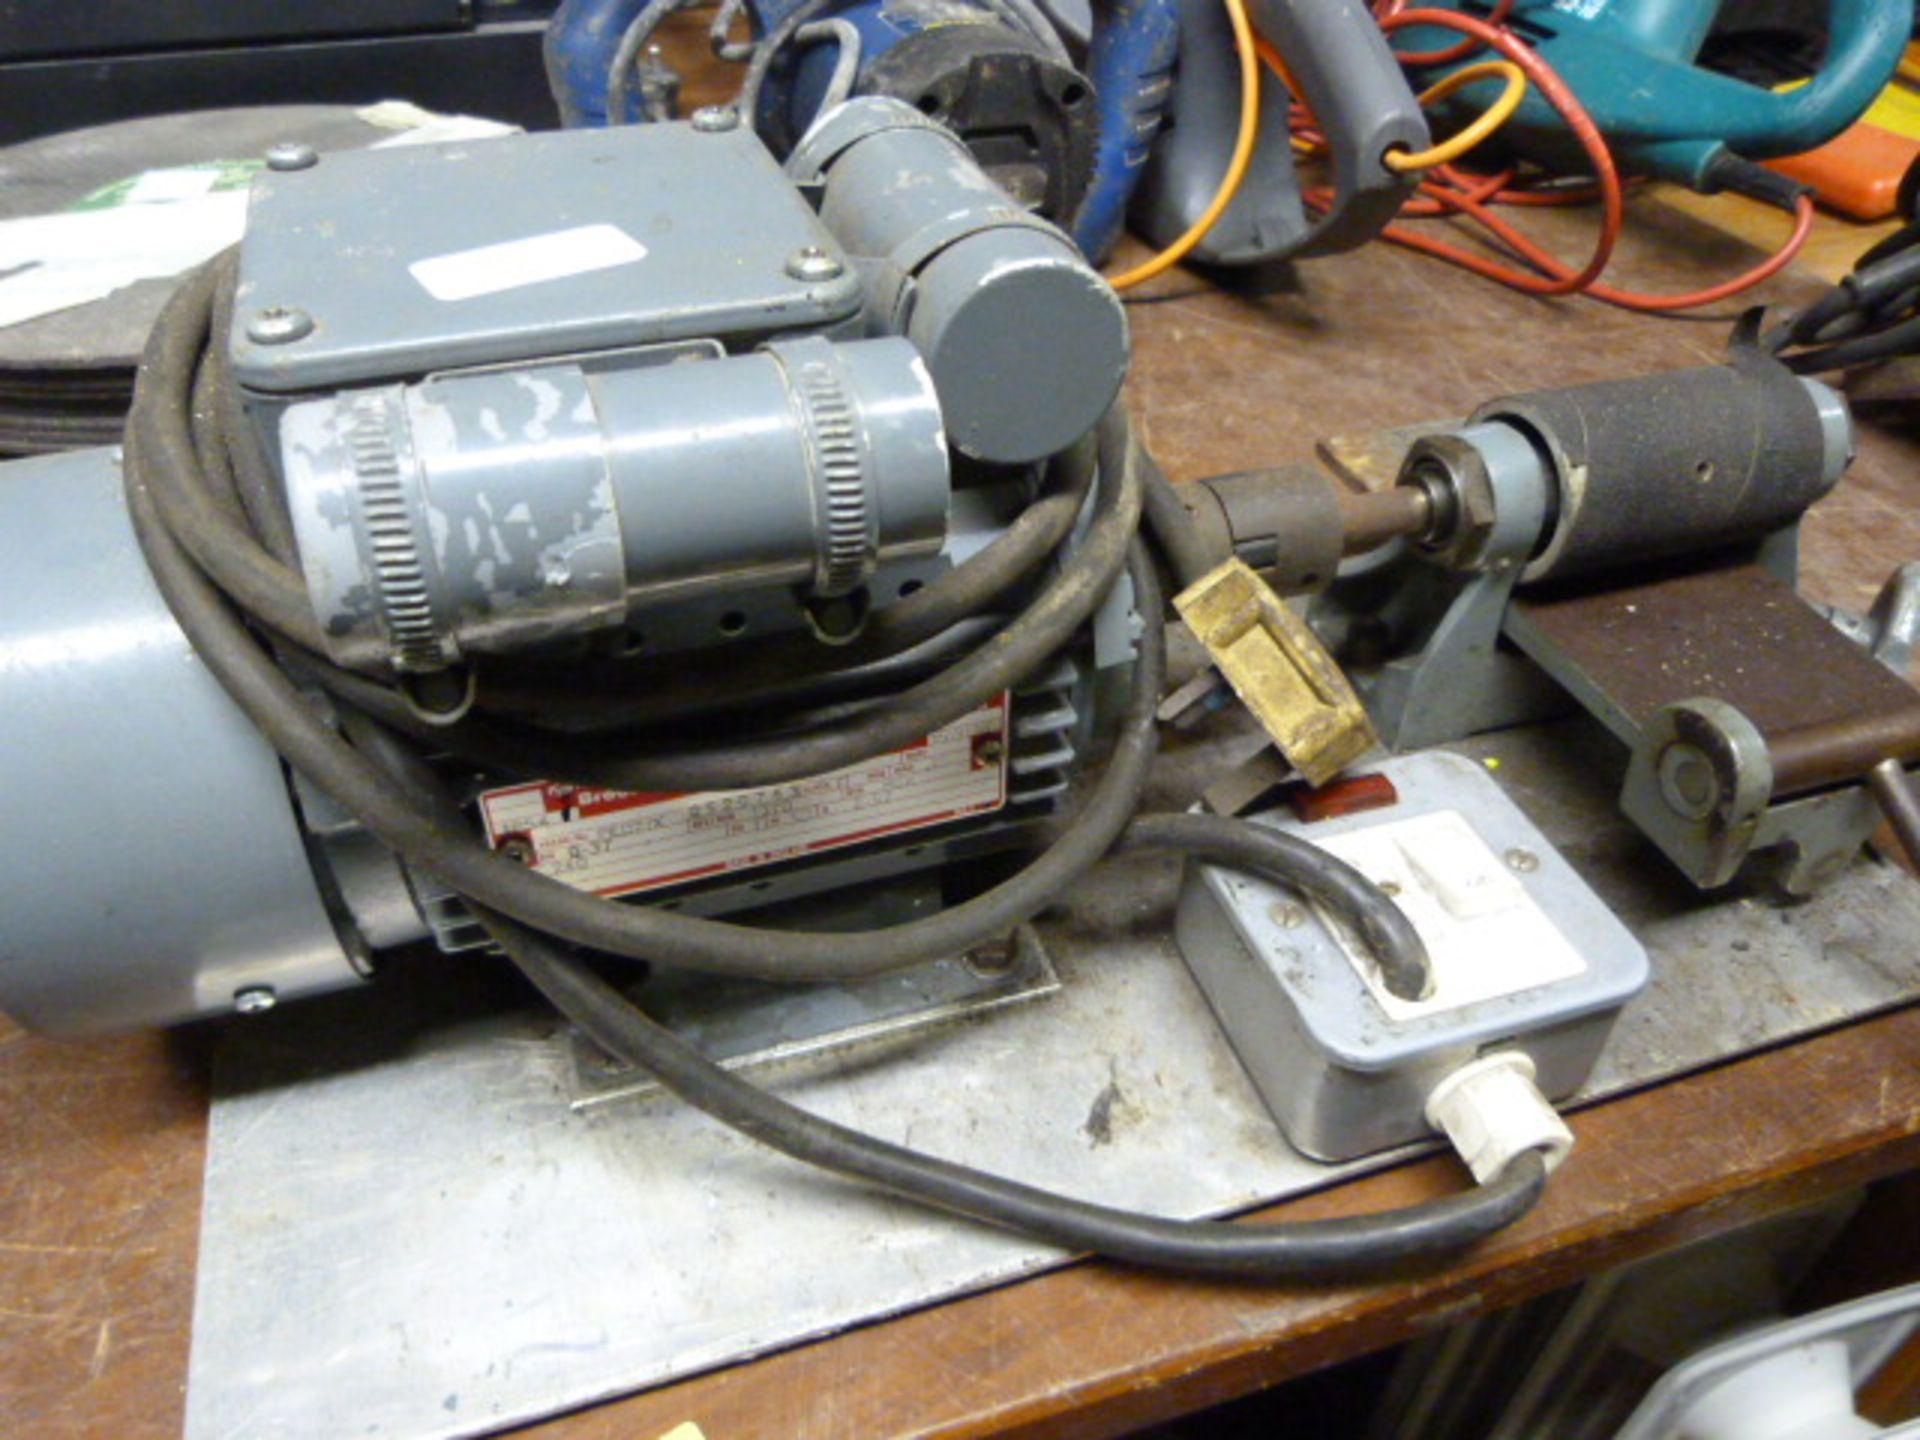 Lot 212 - Adjustable Electric Sander (Homemade?)